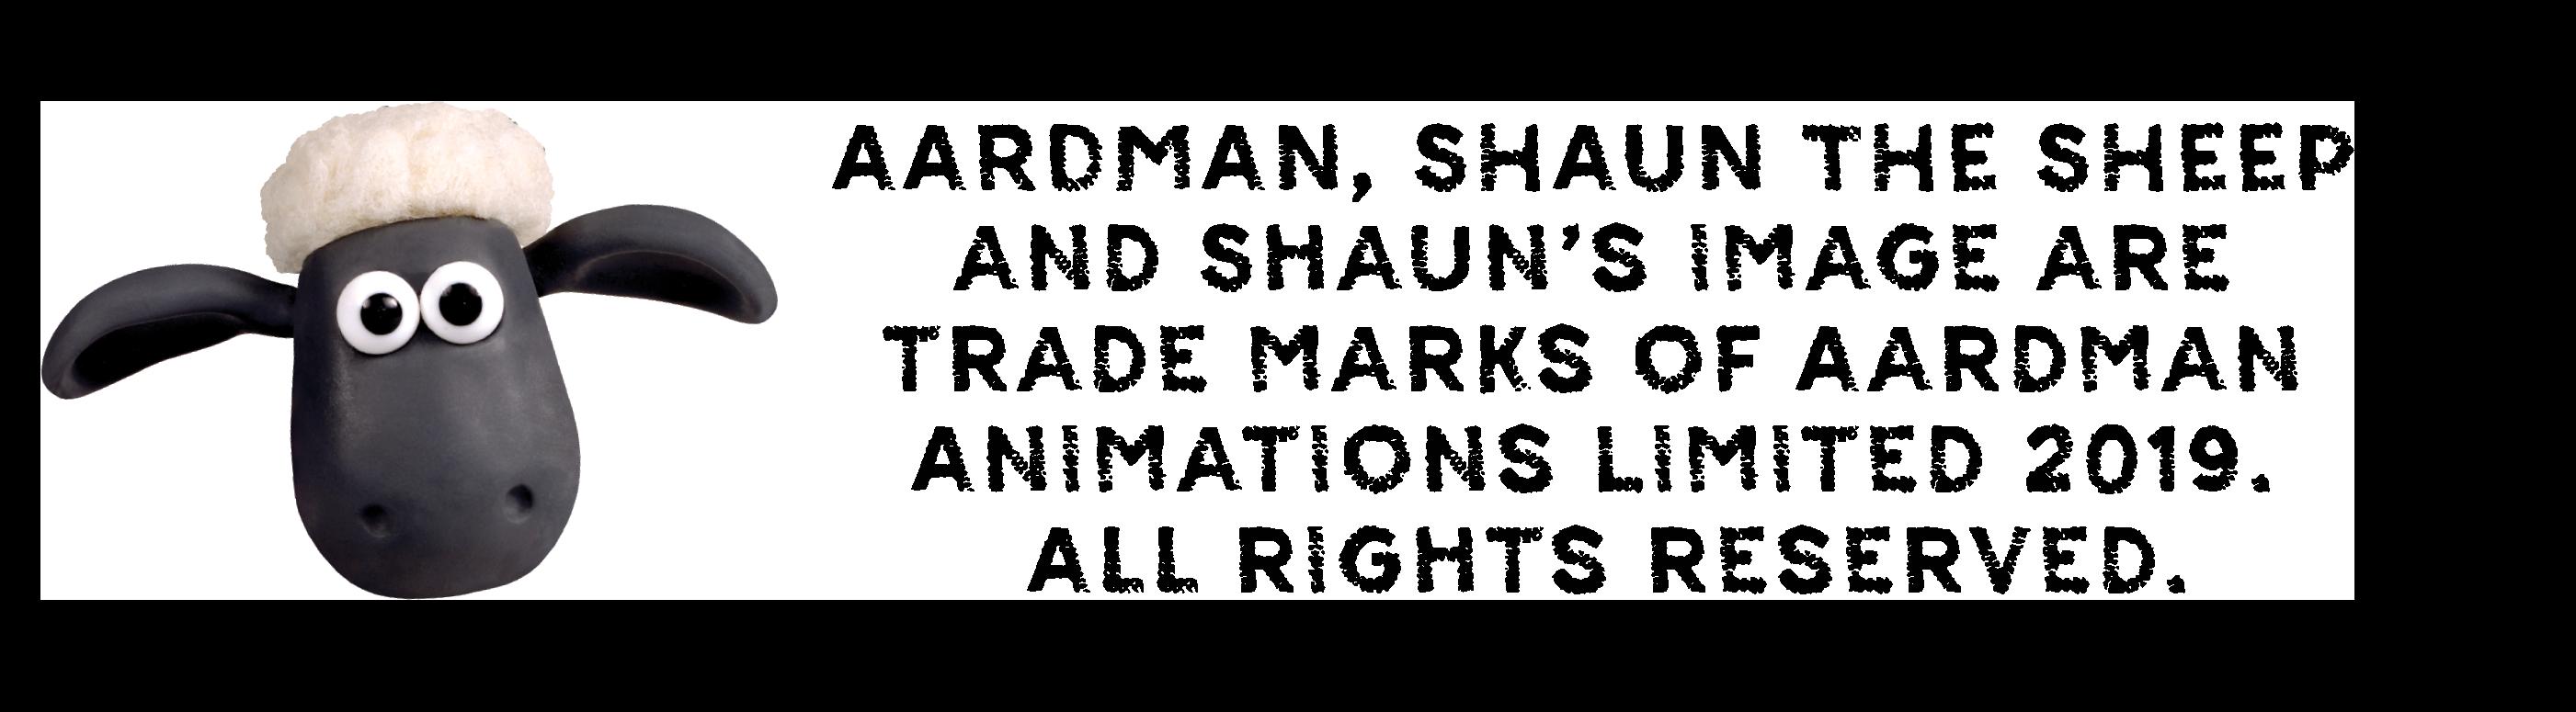 shaun-das-schaf-copyrightline